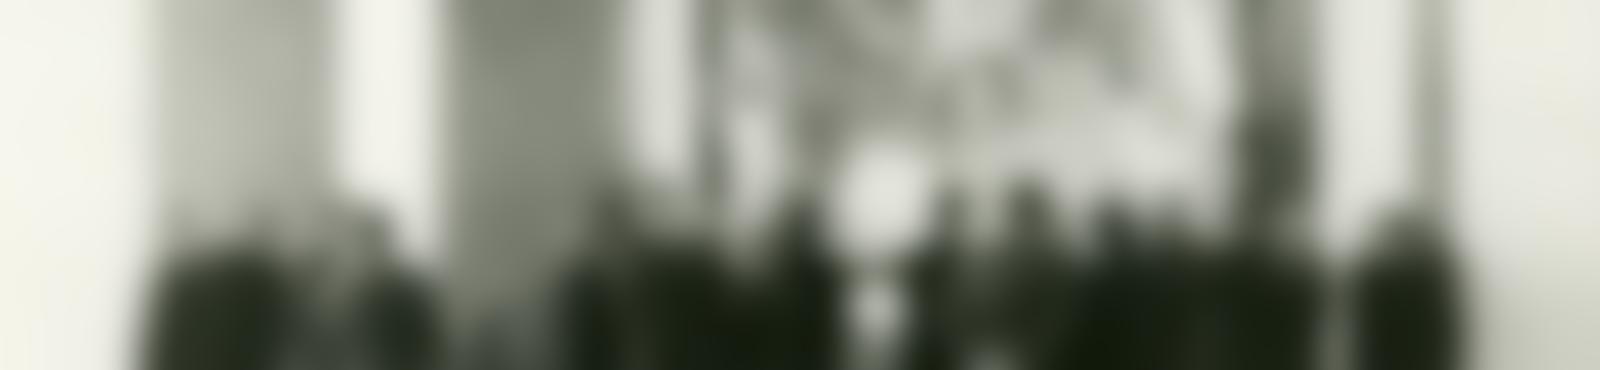 Blurred f44c9c25 2dfe 40ed b33a 5ff6c28800bb